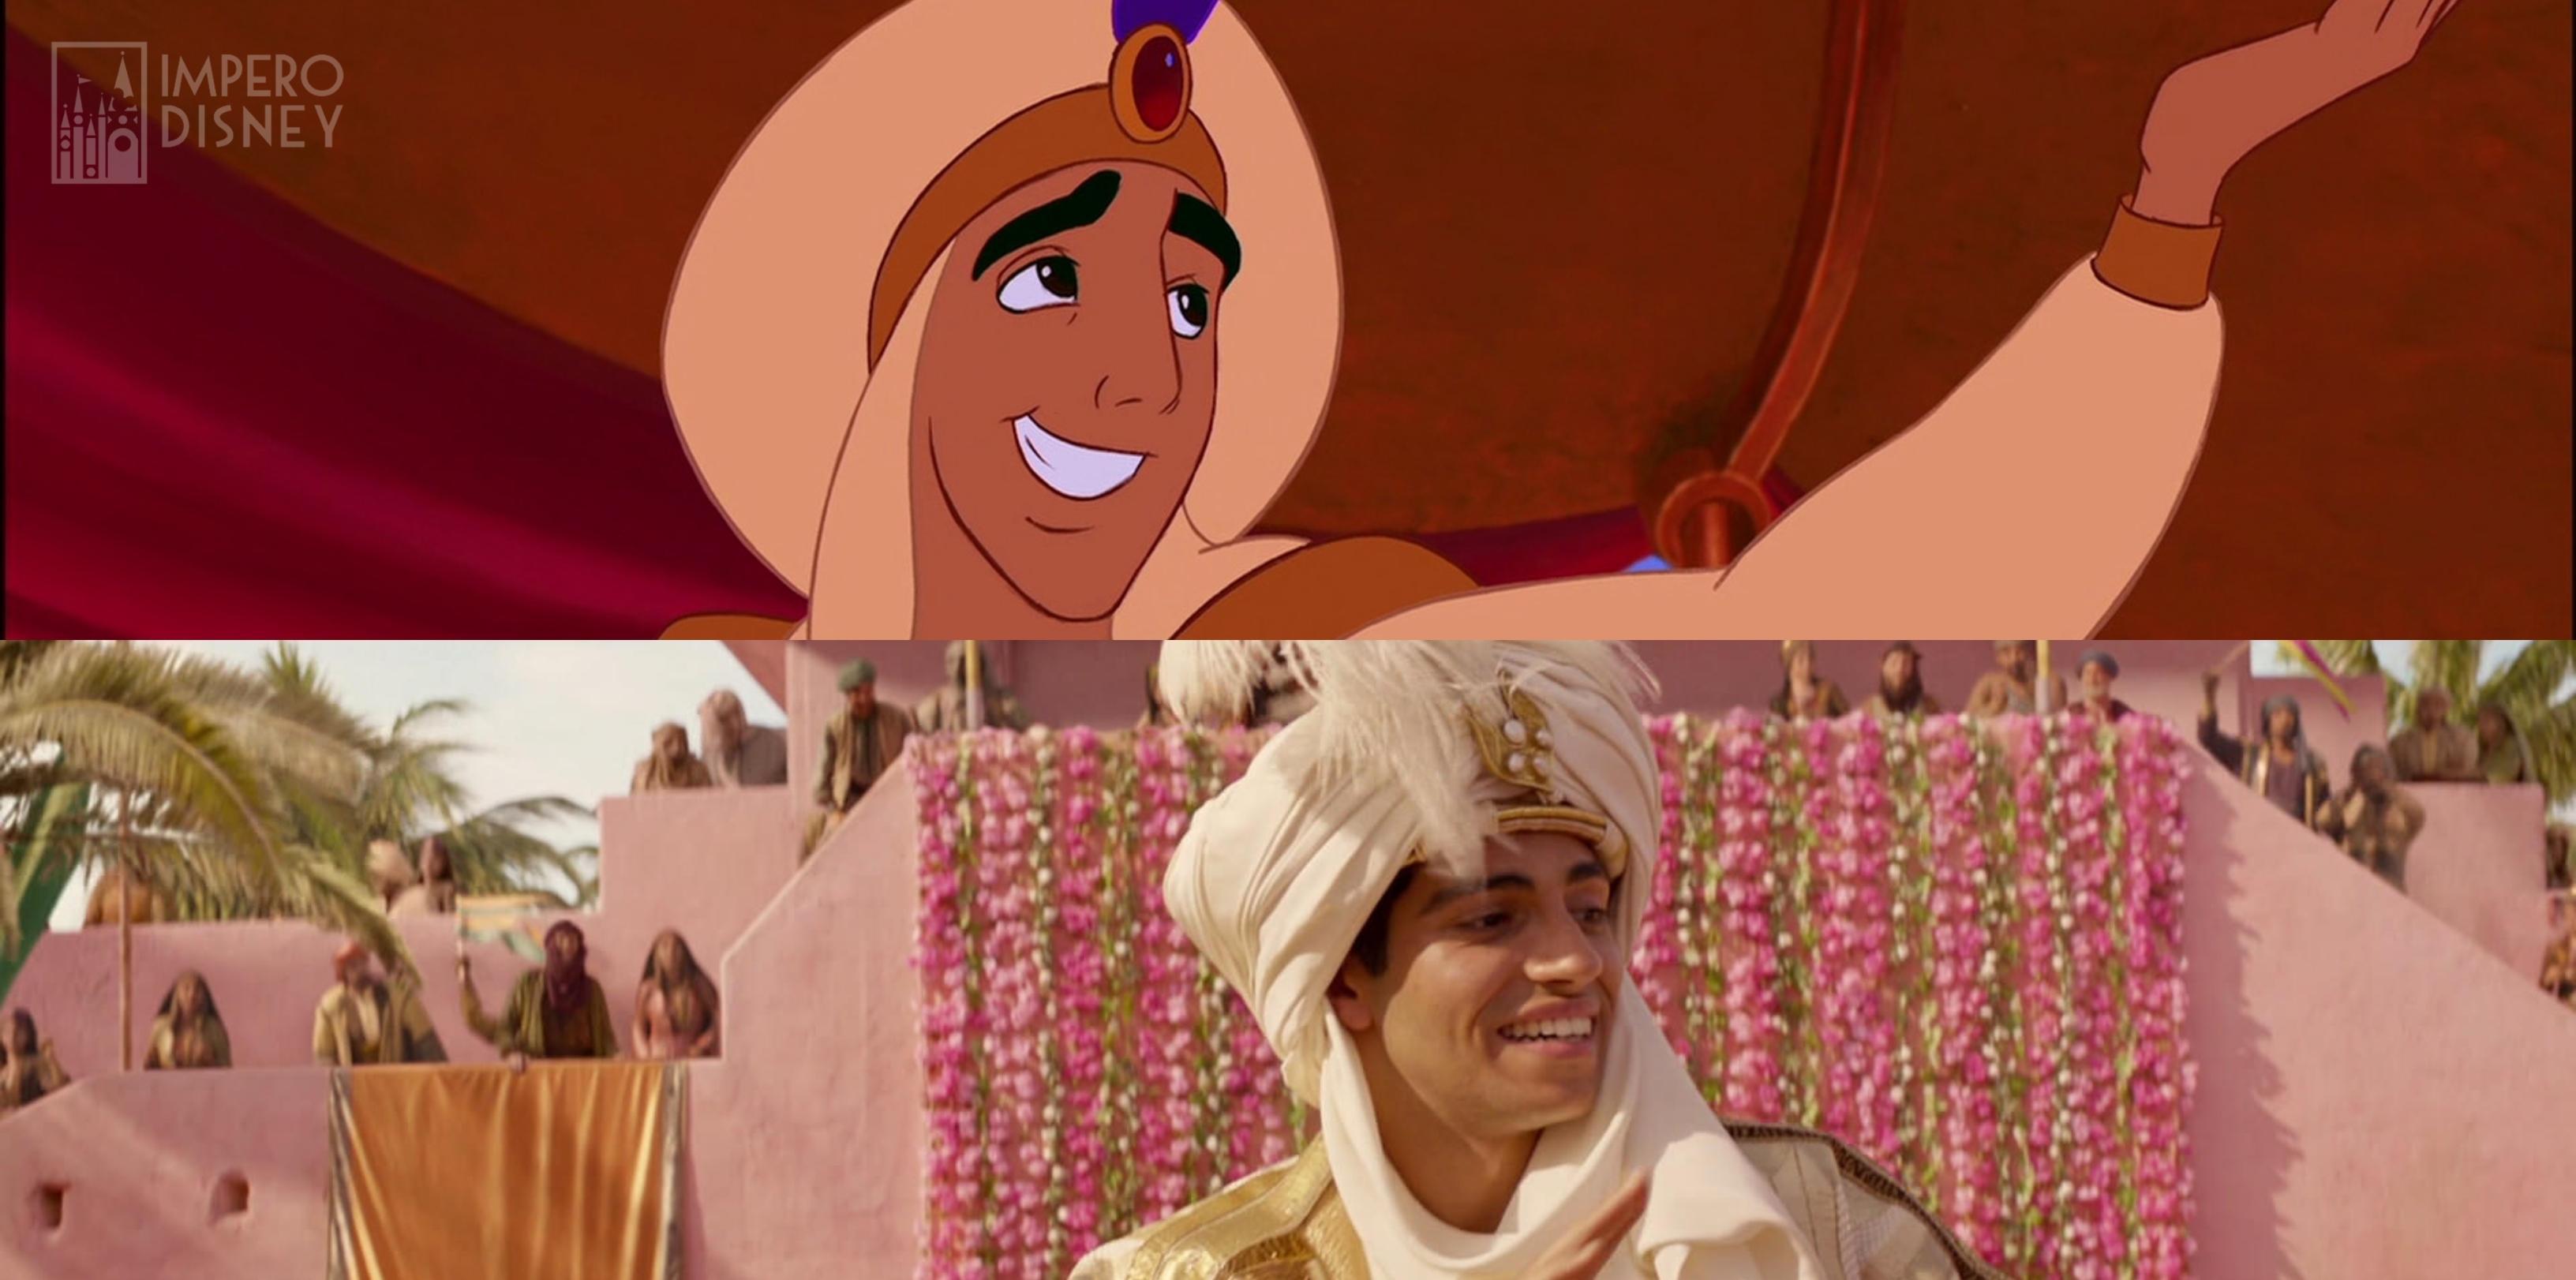 Principe Alì canzoni Aladdin